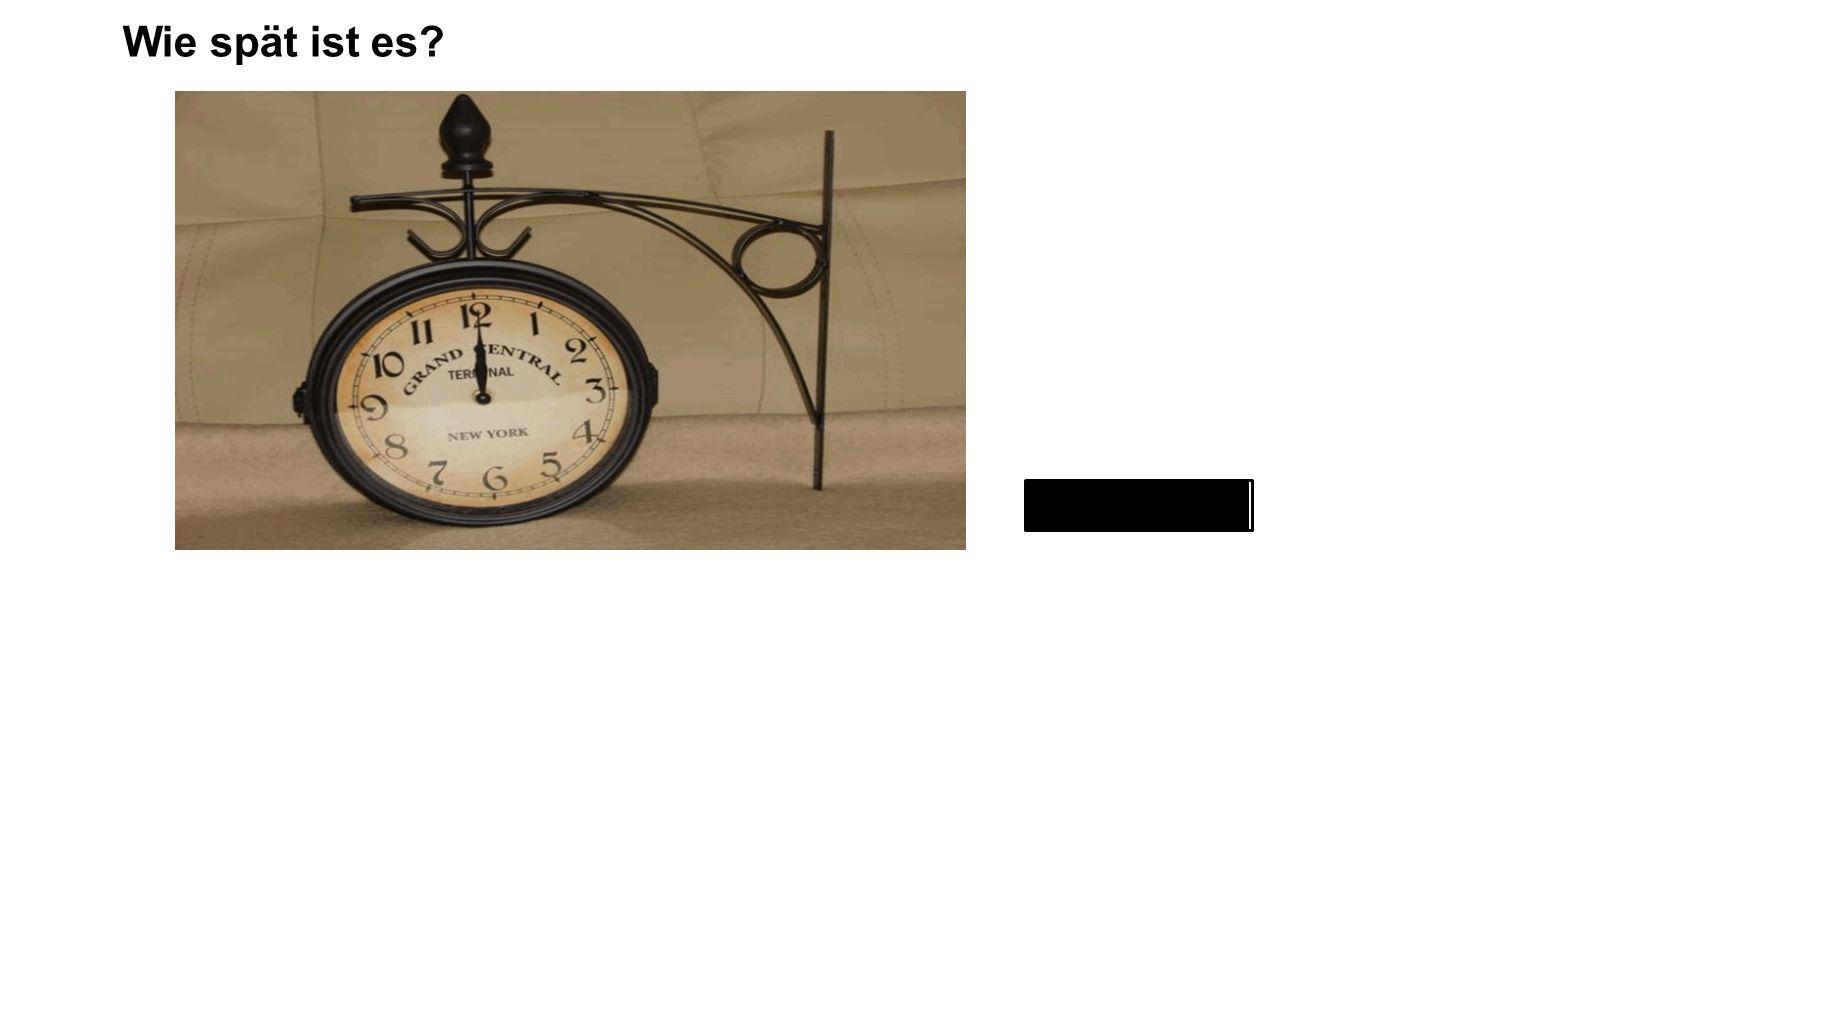 zwölf Uhr Wie spät ist es?